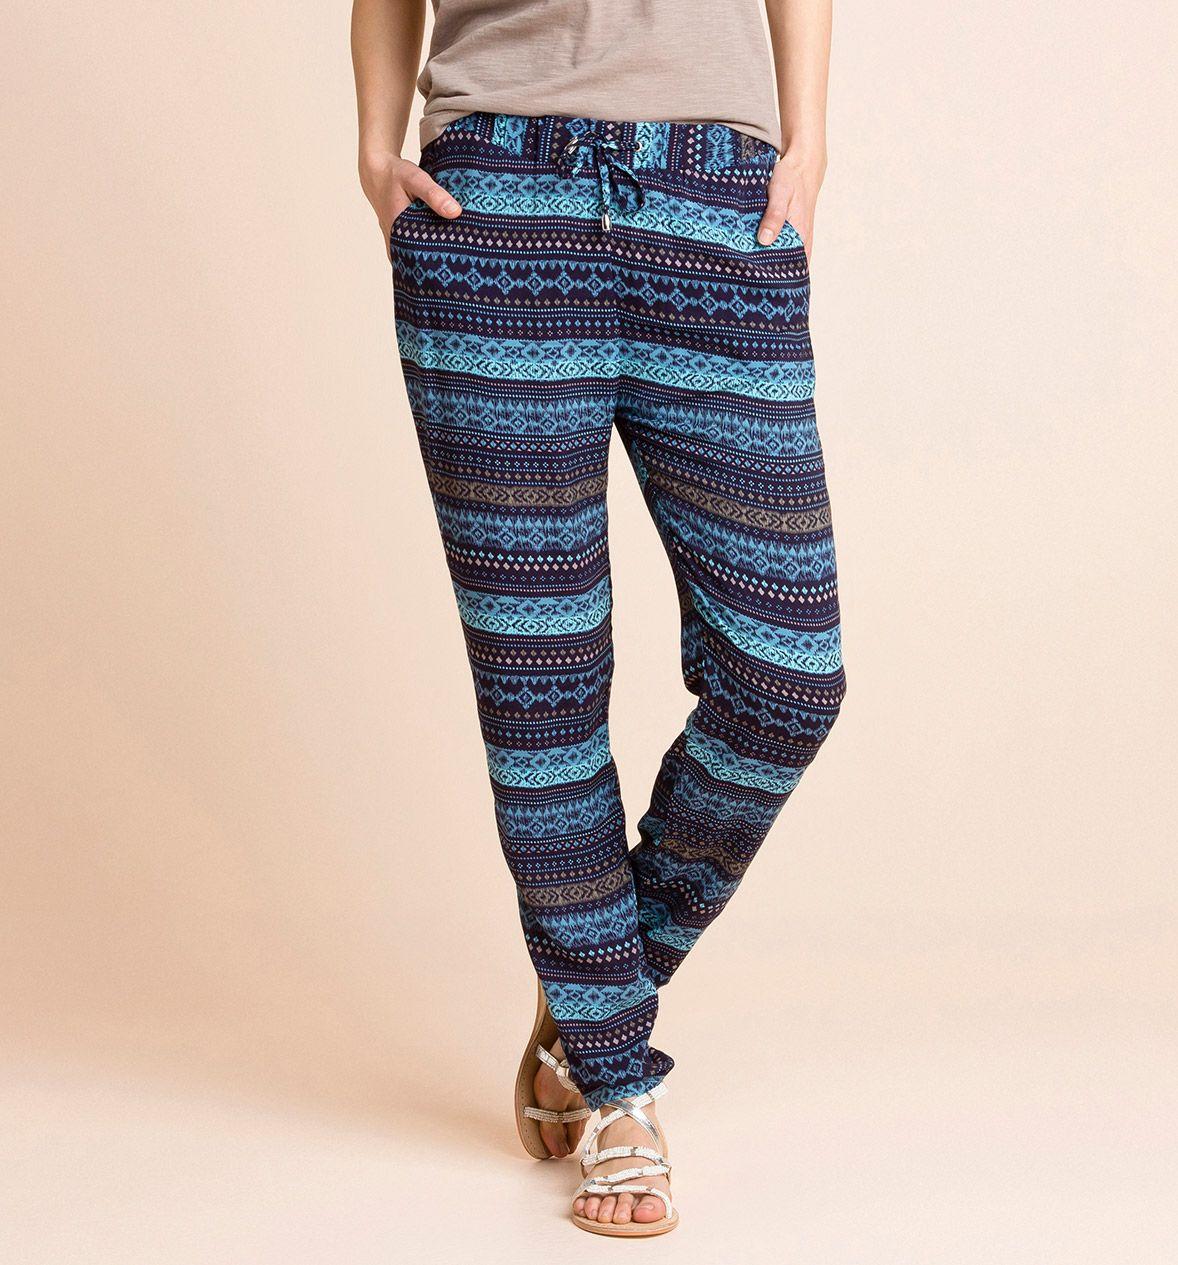 Pantalones fluidos en tonos azules